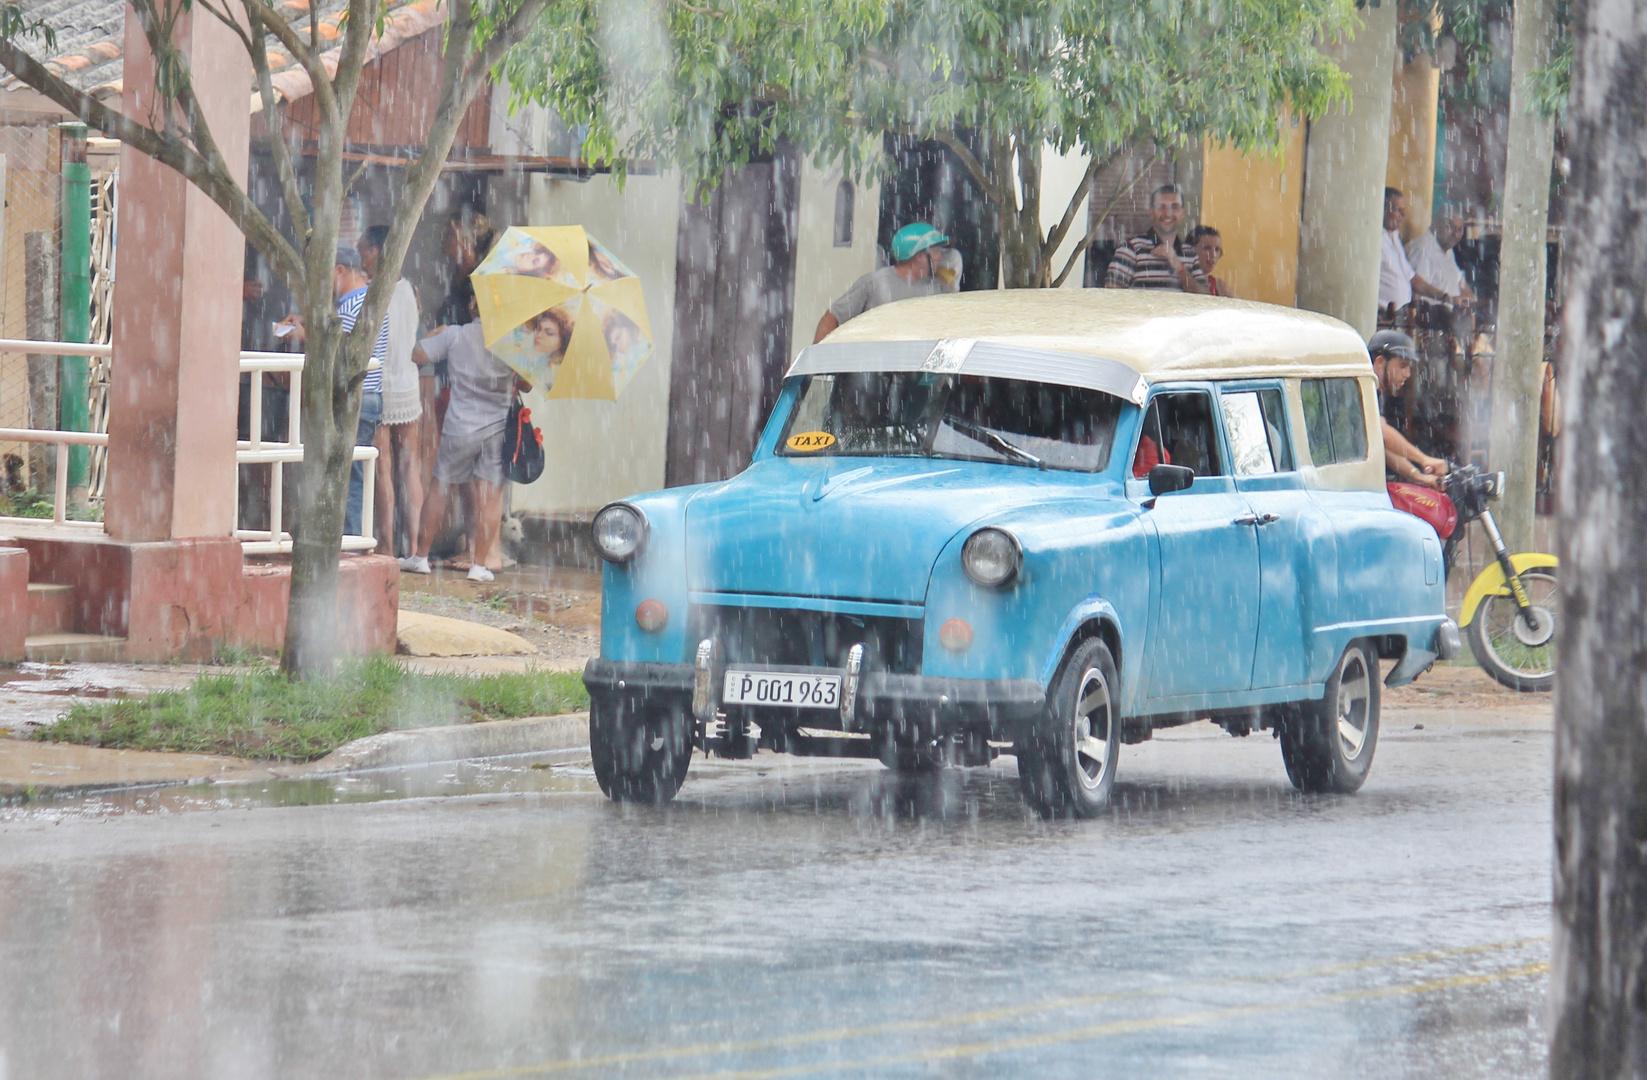 Regenzeit in Kuba 4